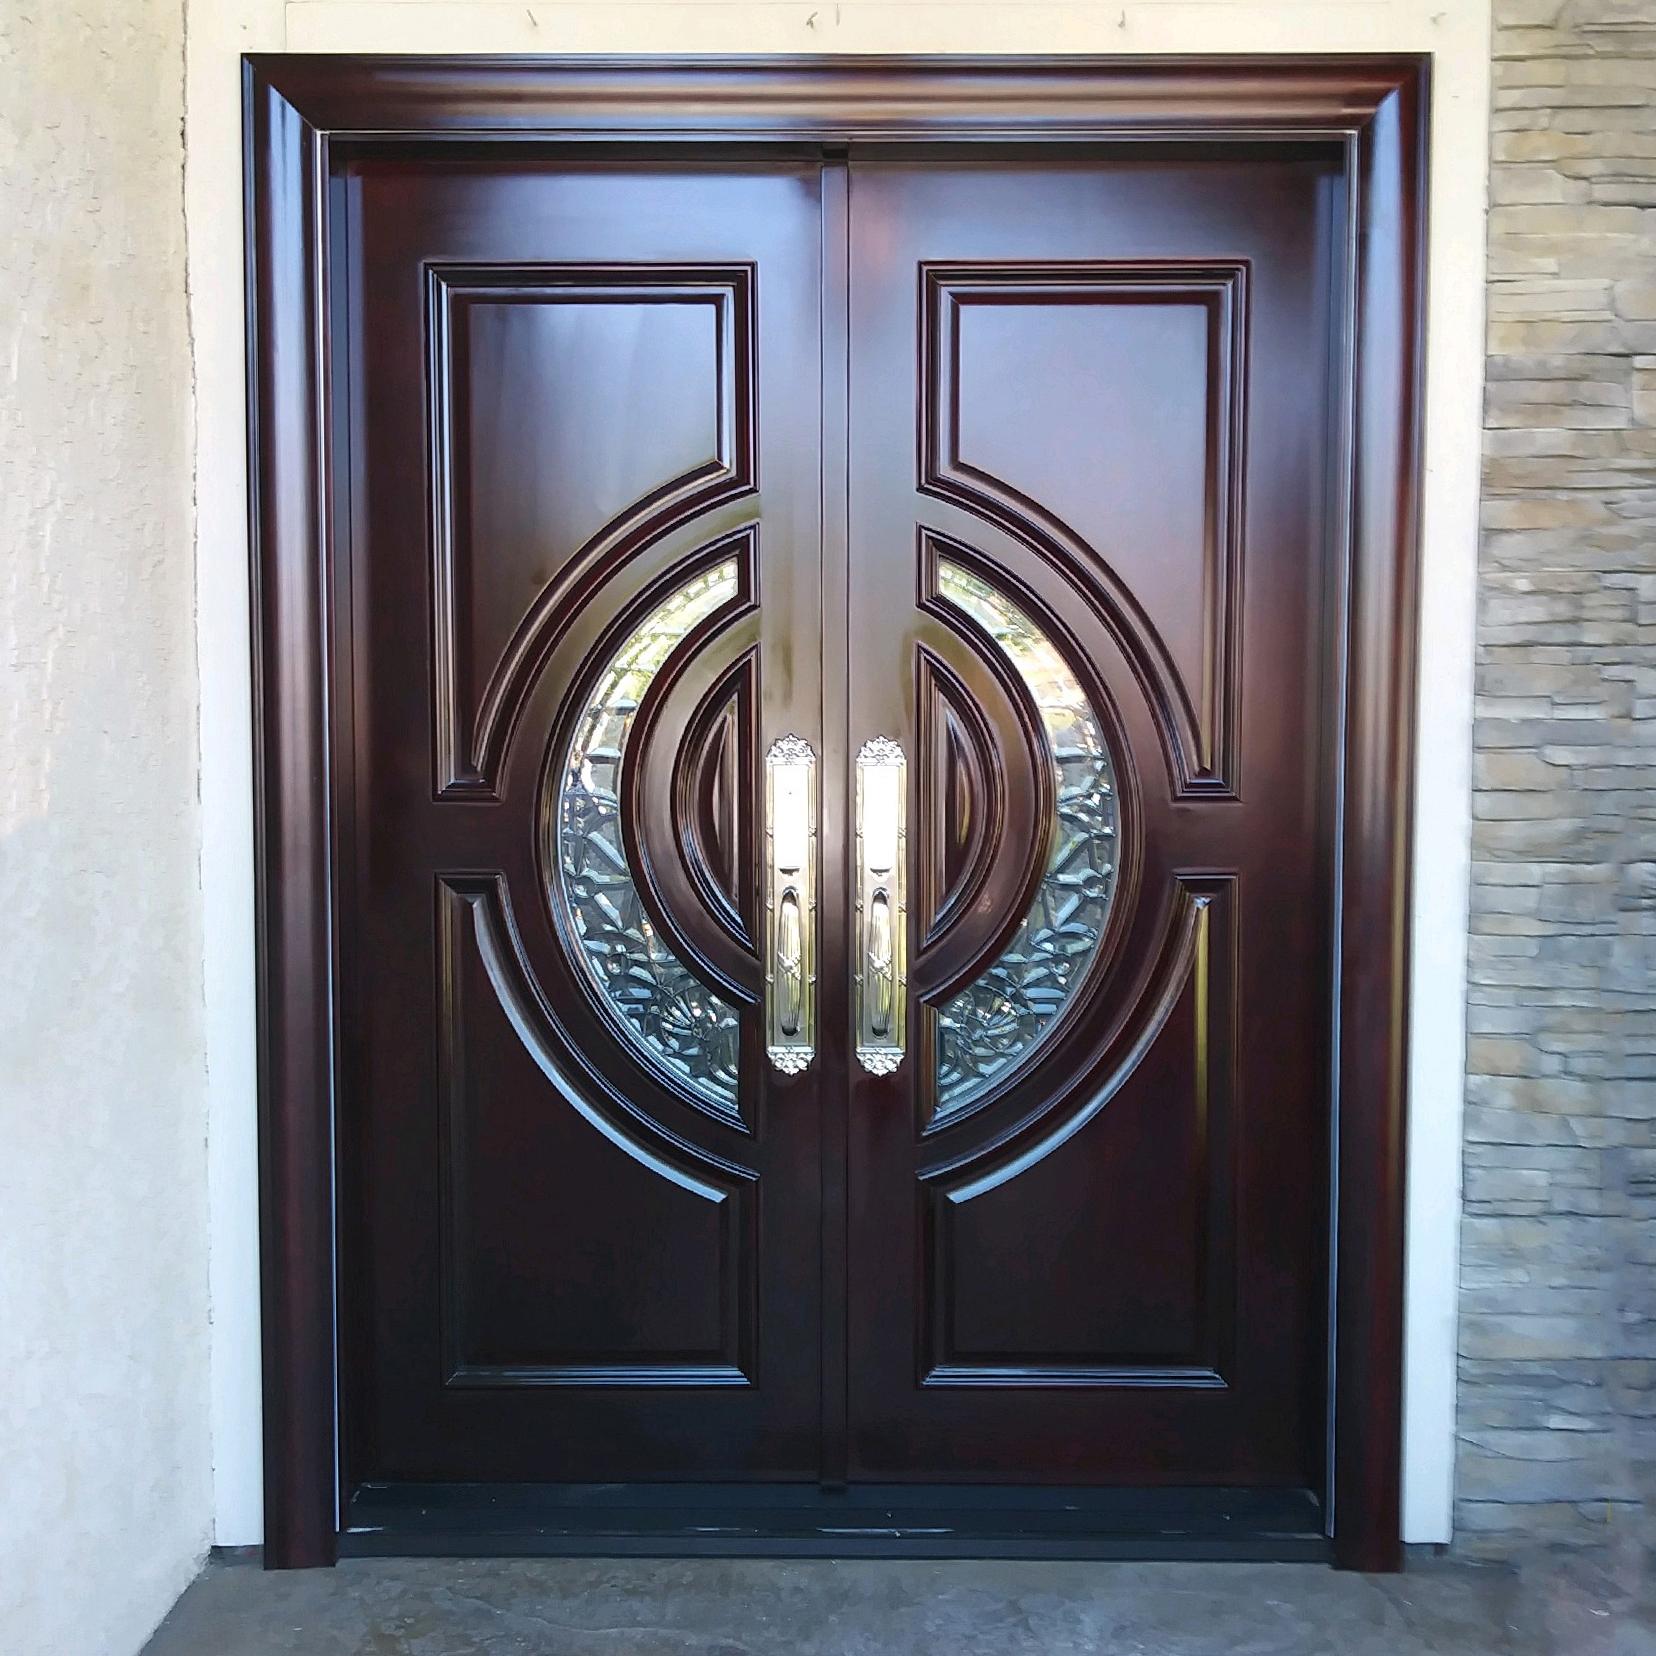 Crescent Door   Gallery   In stock - starting at $3,699